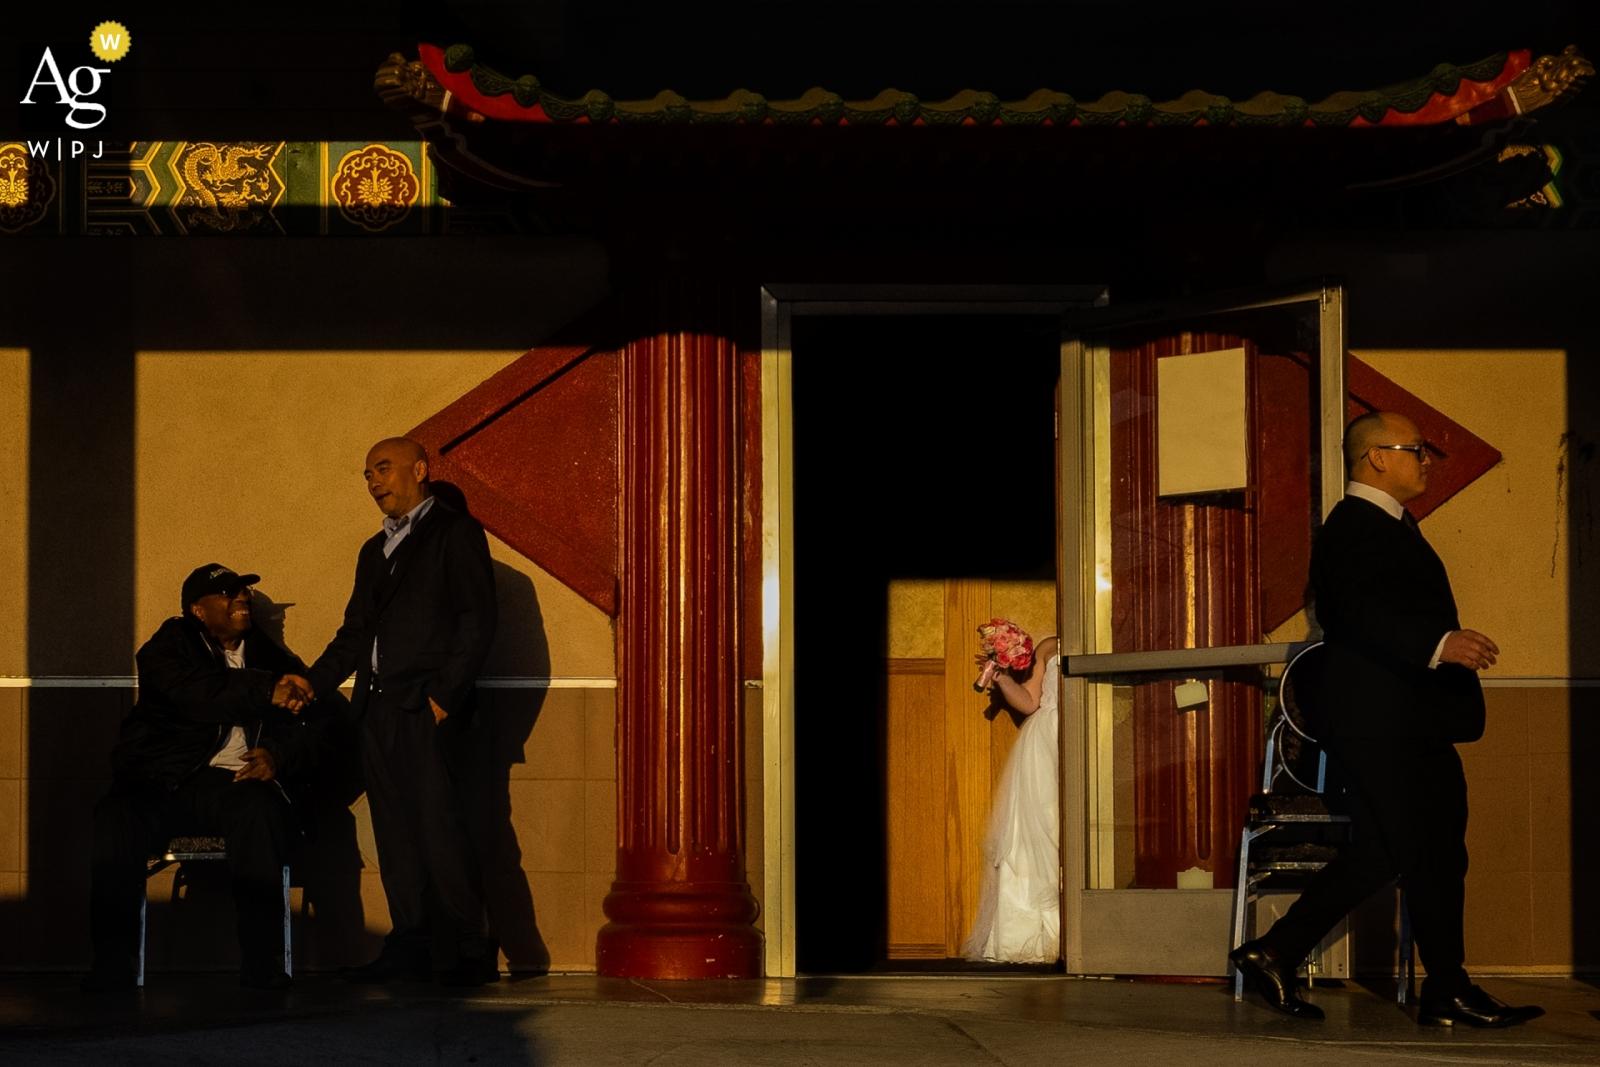 En esta foto, el fotógrafo de bodas de Fuzhou captó el momento en que la novia decidió mirar por la puerta de la capilla.